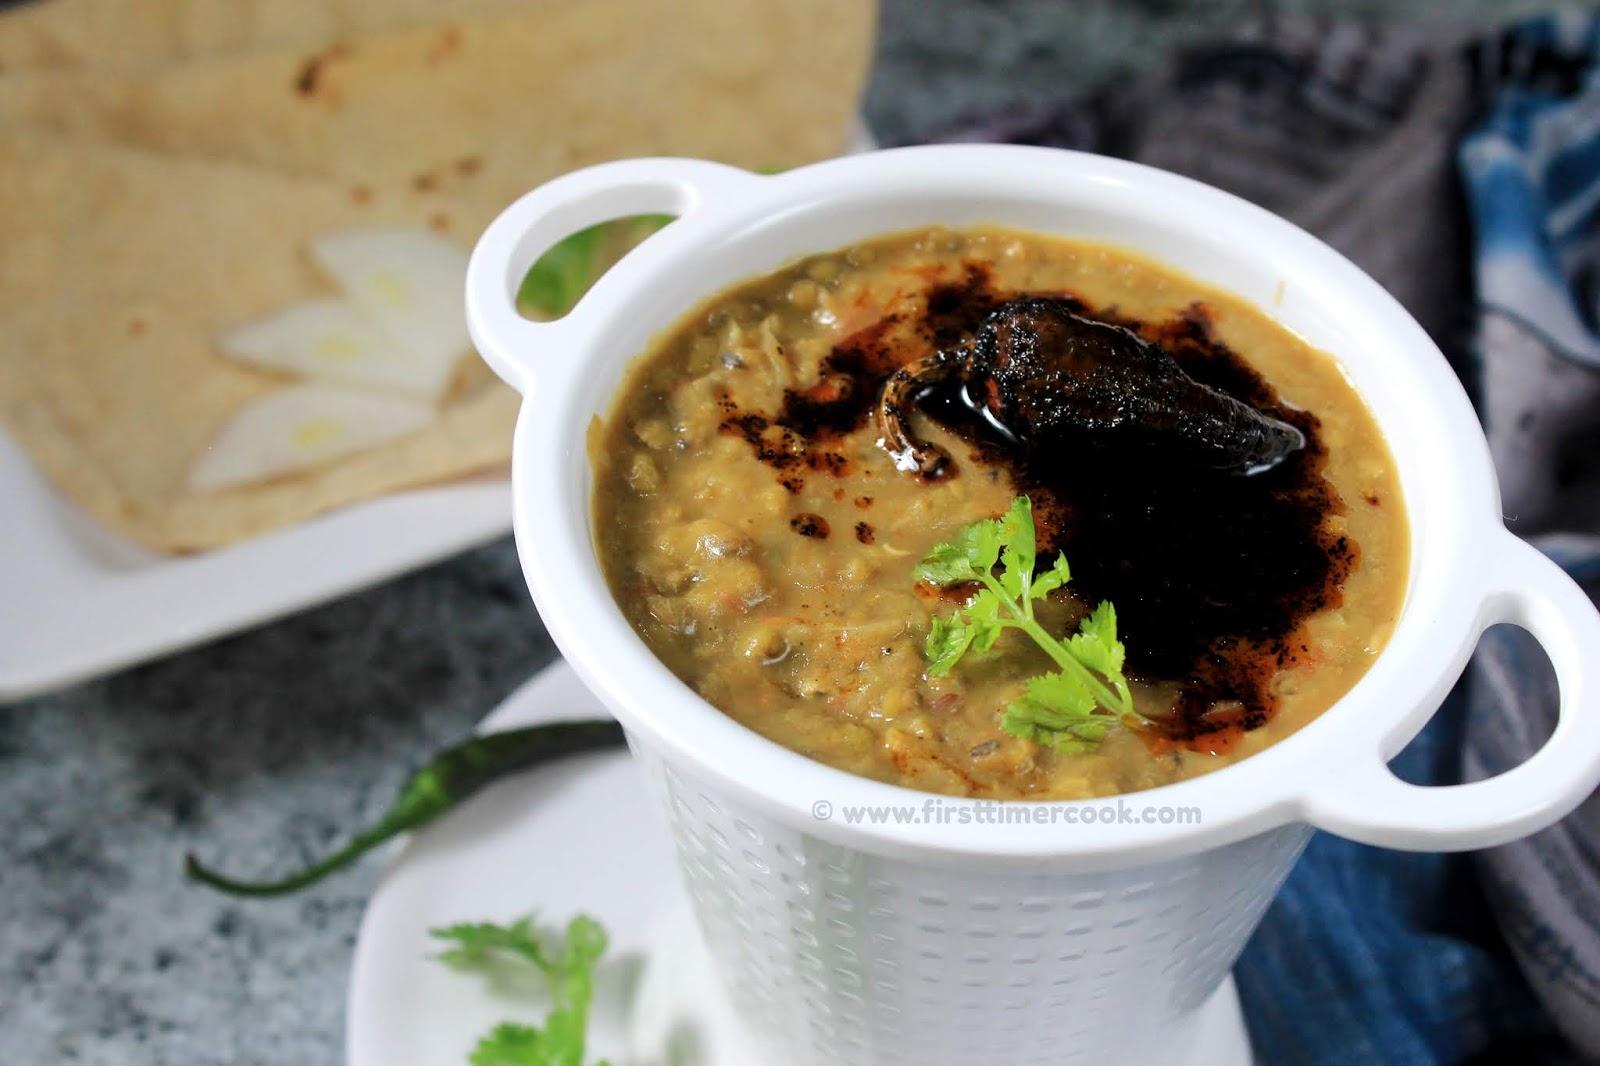 First Timer Cook: Punjabi Moong ki Dal | Whole Green Gram